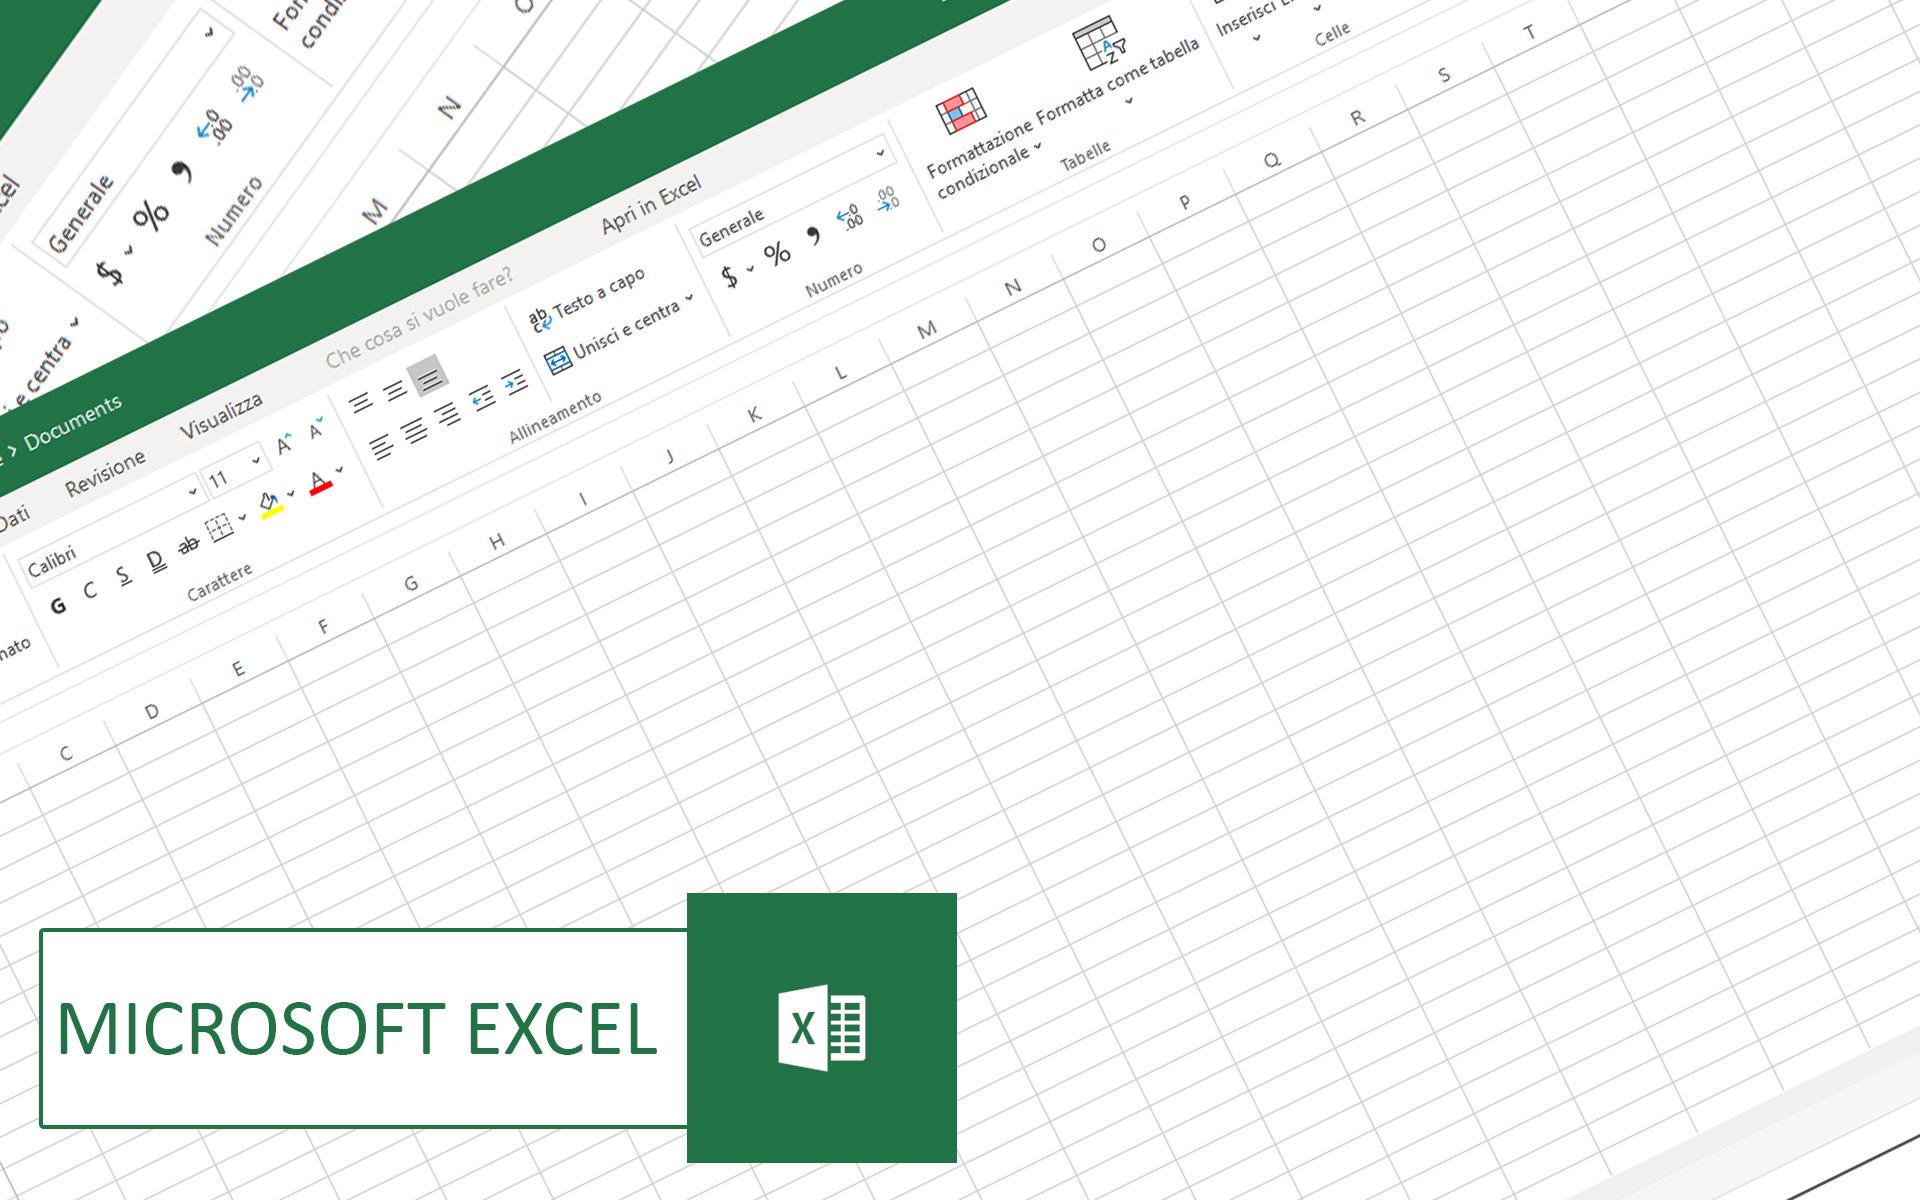 Come usare Microsoft Excel online Gratis senza installare programmi